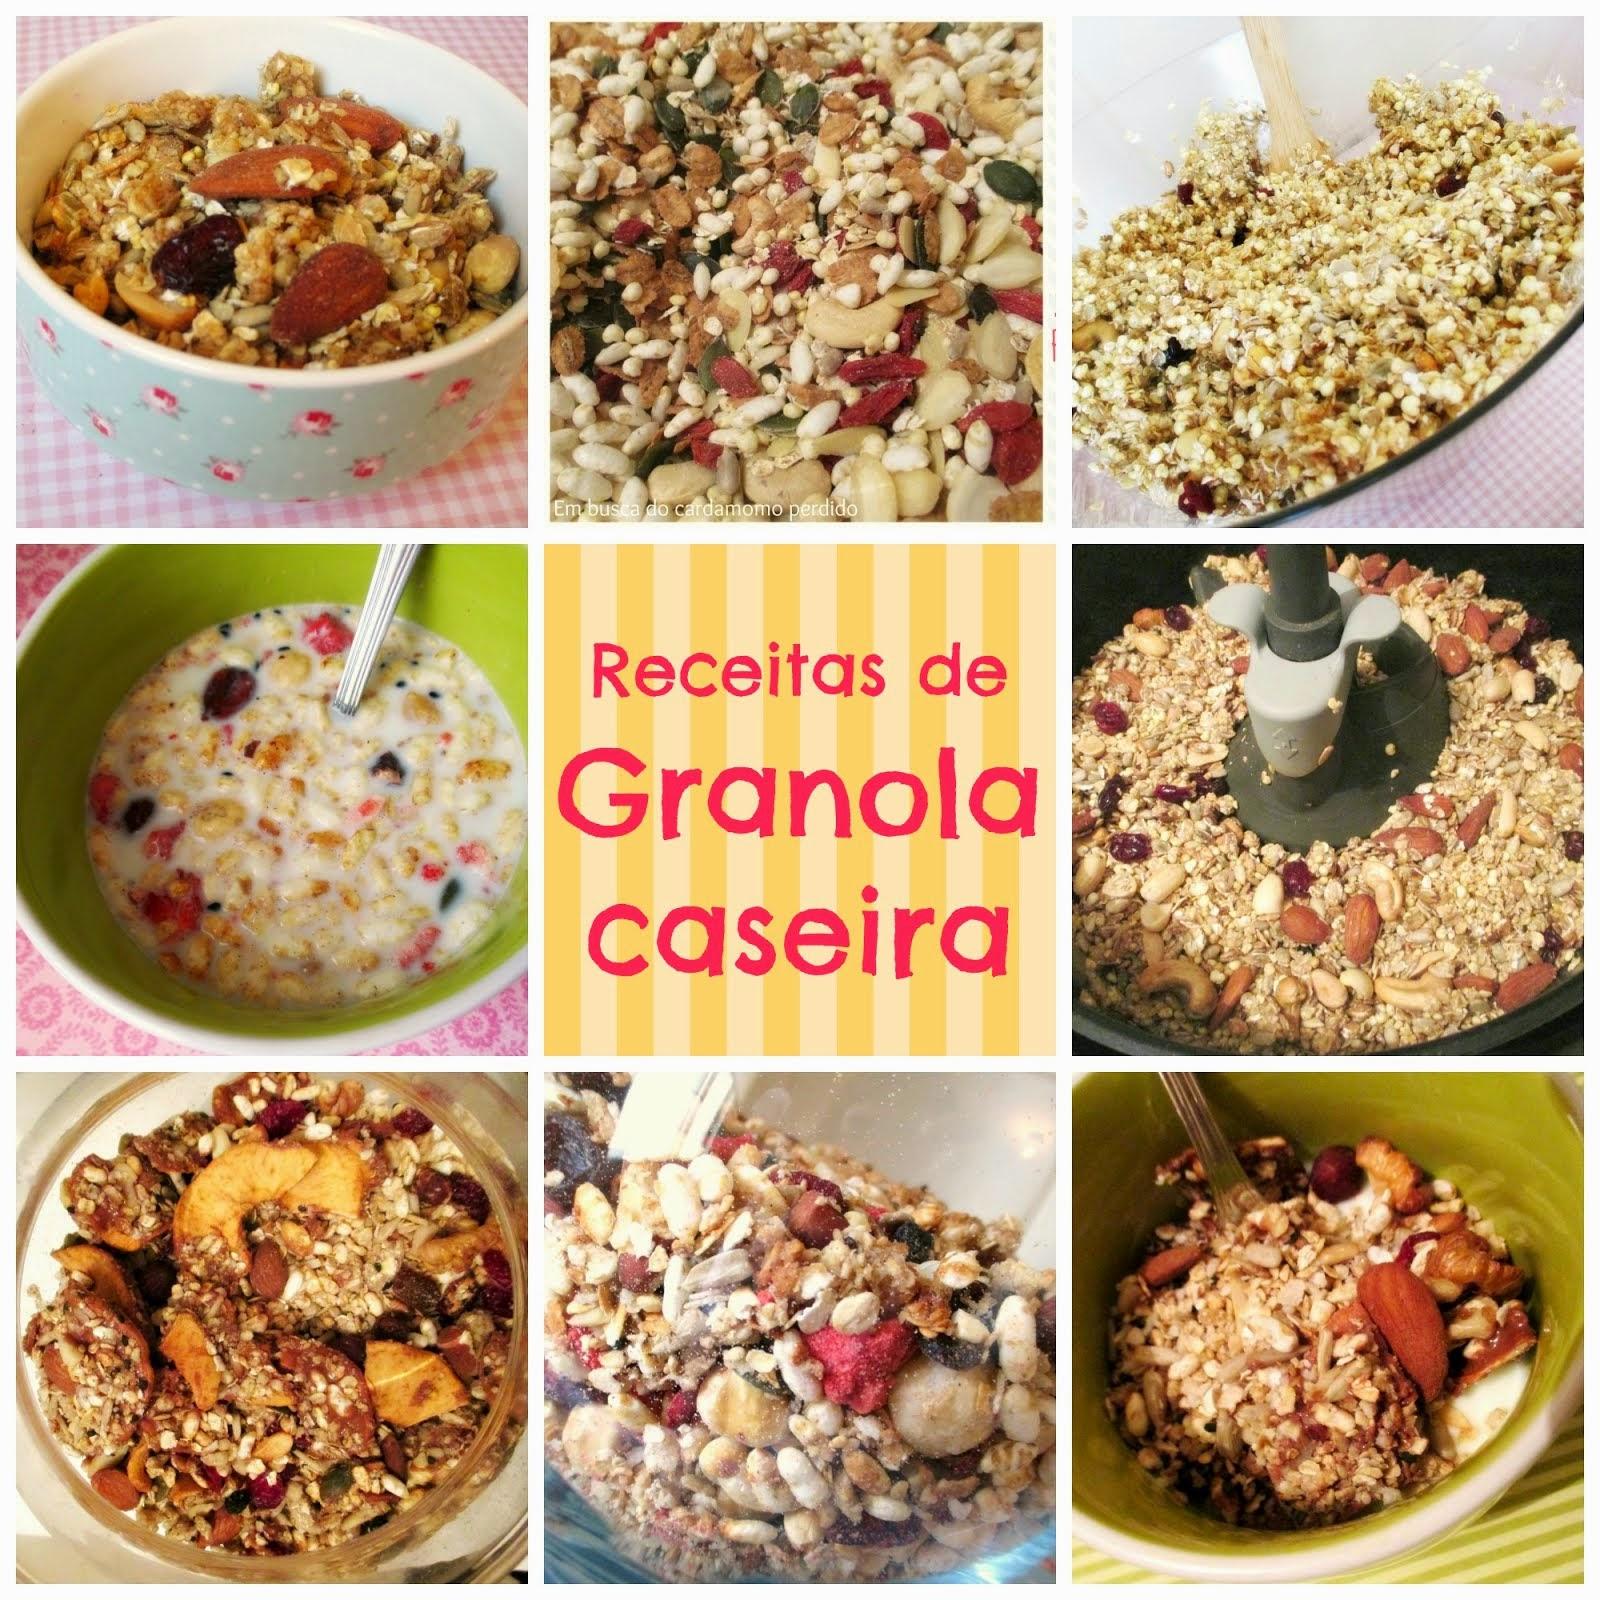 Receitas de granola caseira